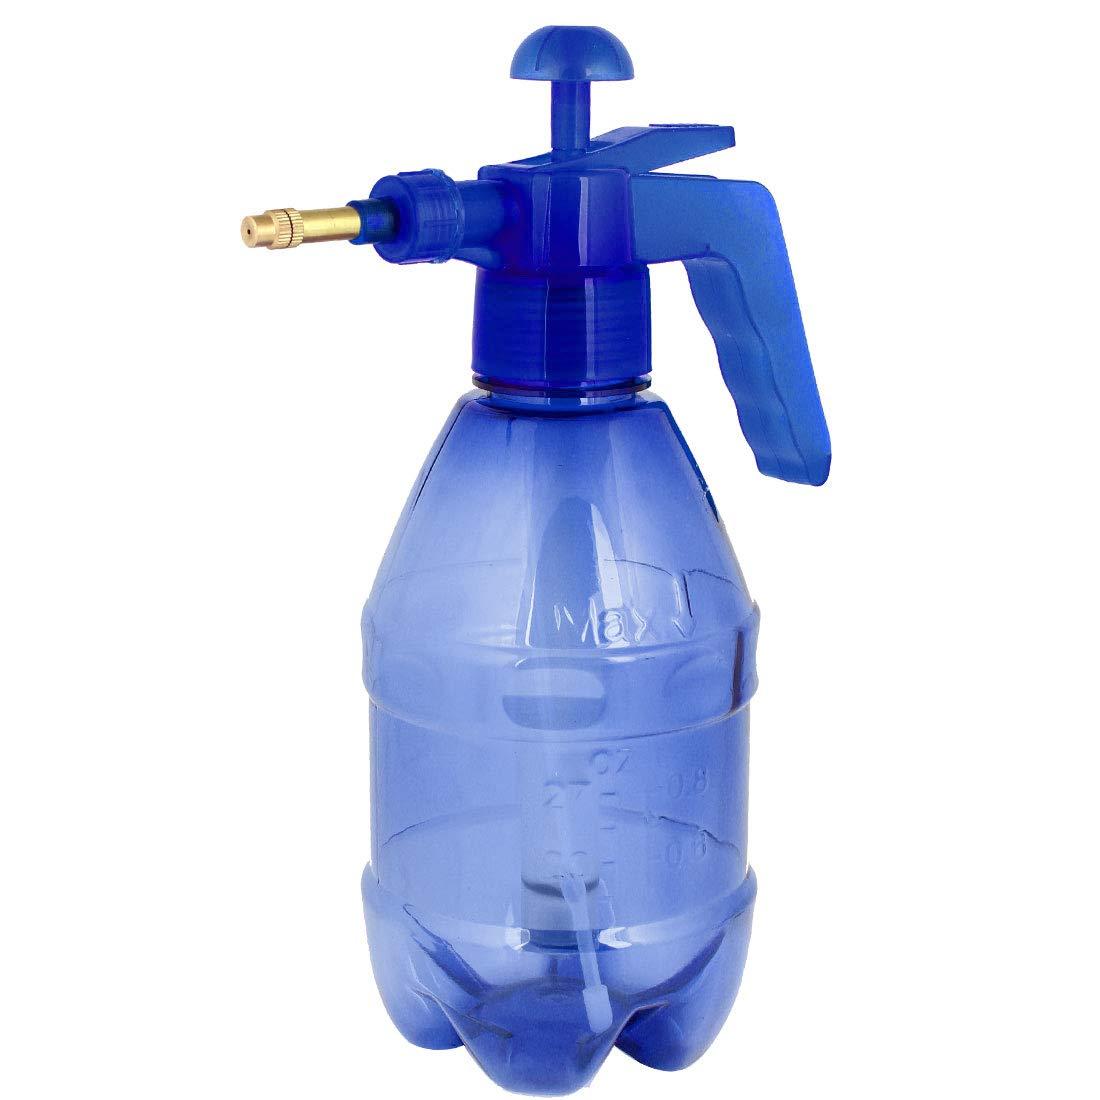 1.5L presión químicos pulverizador planta de jardín agua botella de Spray azul claro: Amazon.es: Bricolaje y herramientas